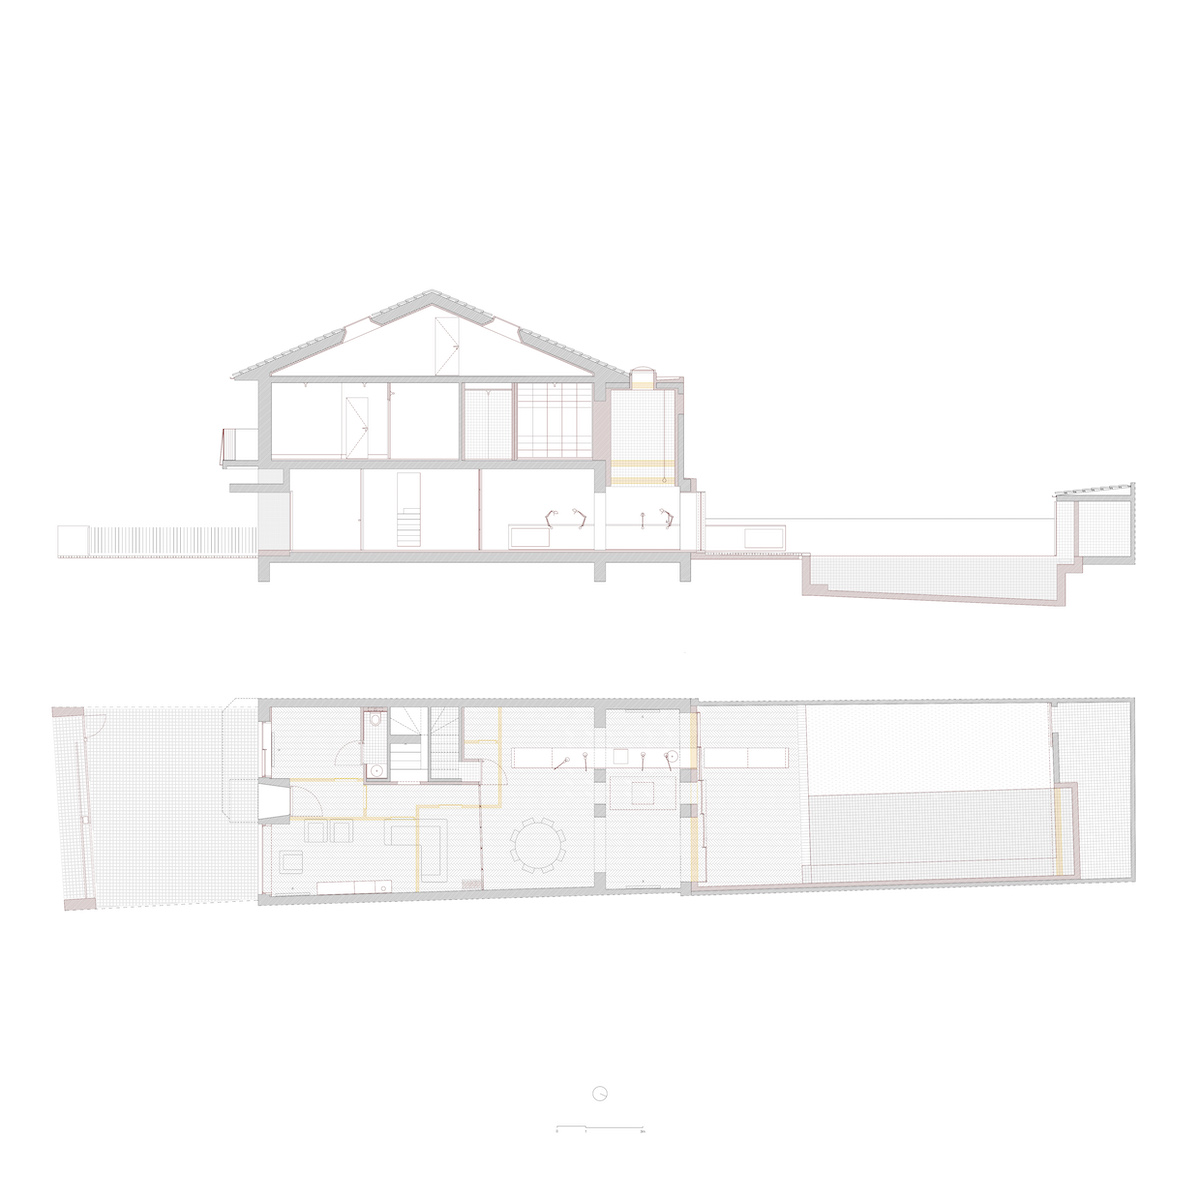 Rot (Neubau) und Gelb (Abriss) zeigen die Eingriffe in Erdgeschoss und Querschnitt.